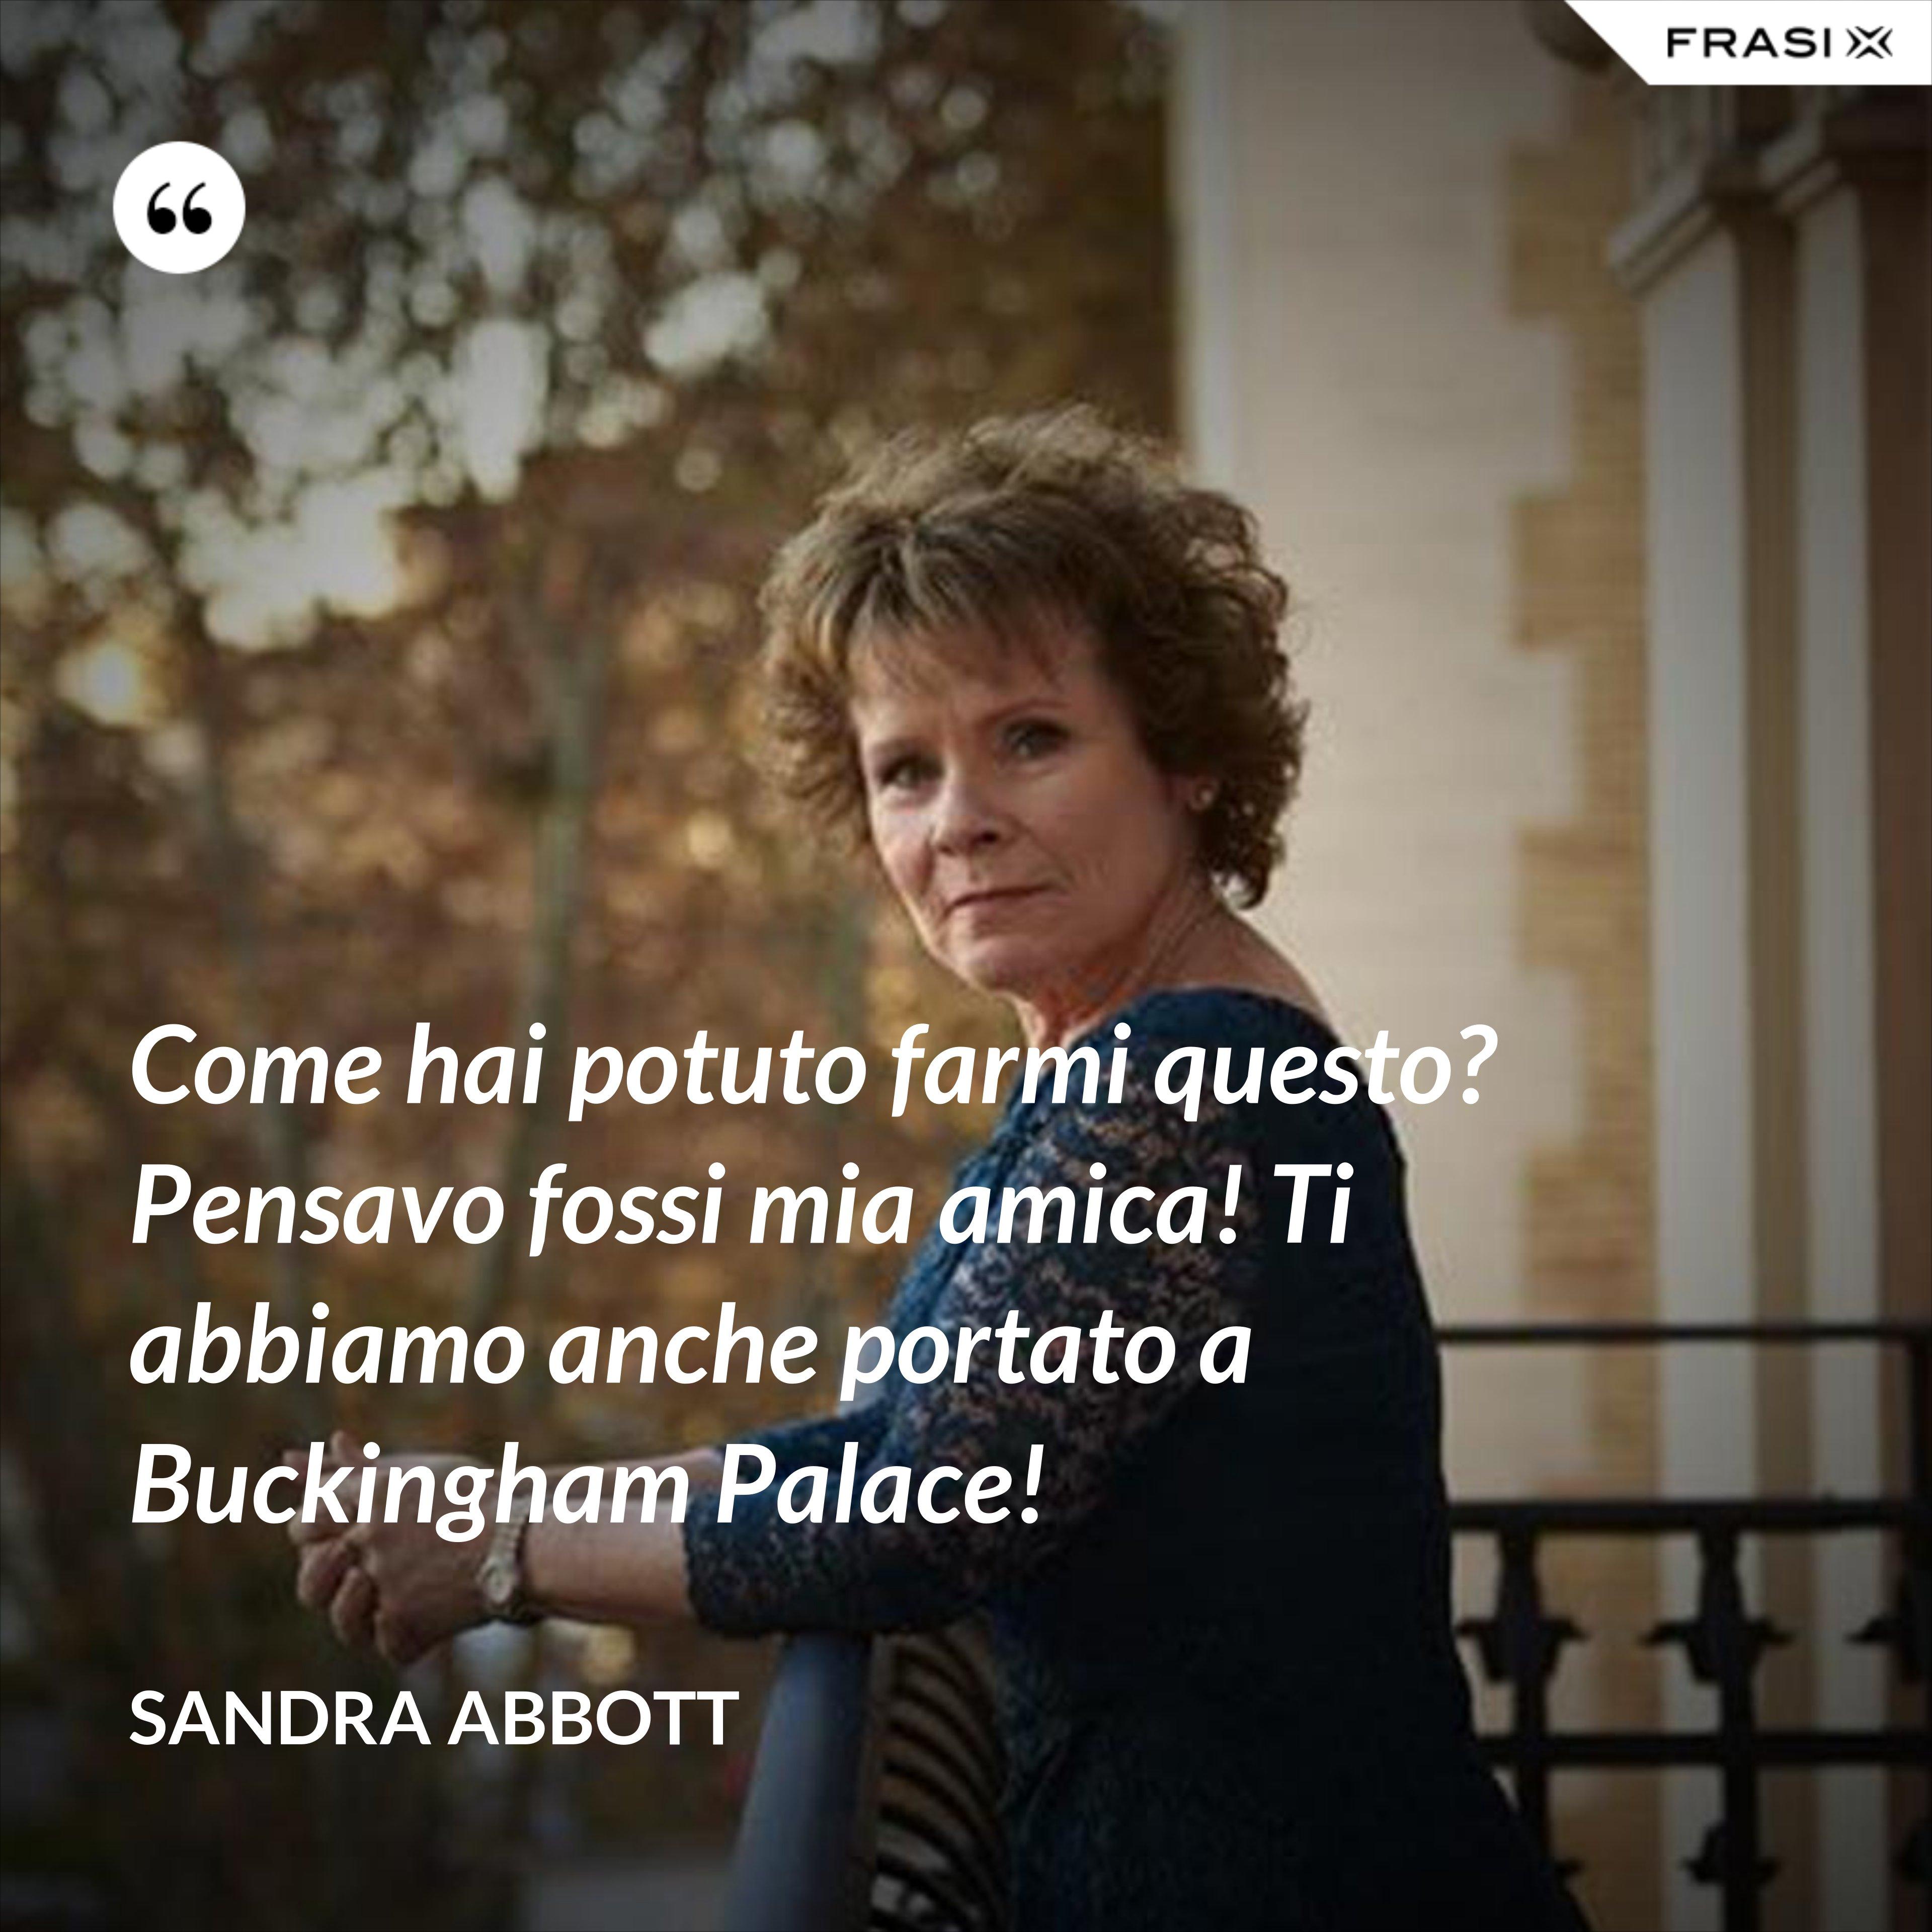 Come hai potuto farmi questo? Pensavo fossi mia amica! Ti abbiamo anche portato a Buckingham Palace! - Sandra Abbott